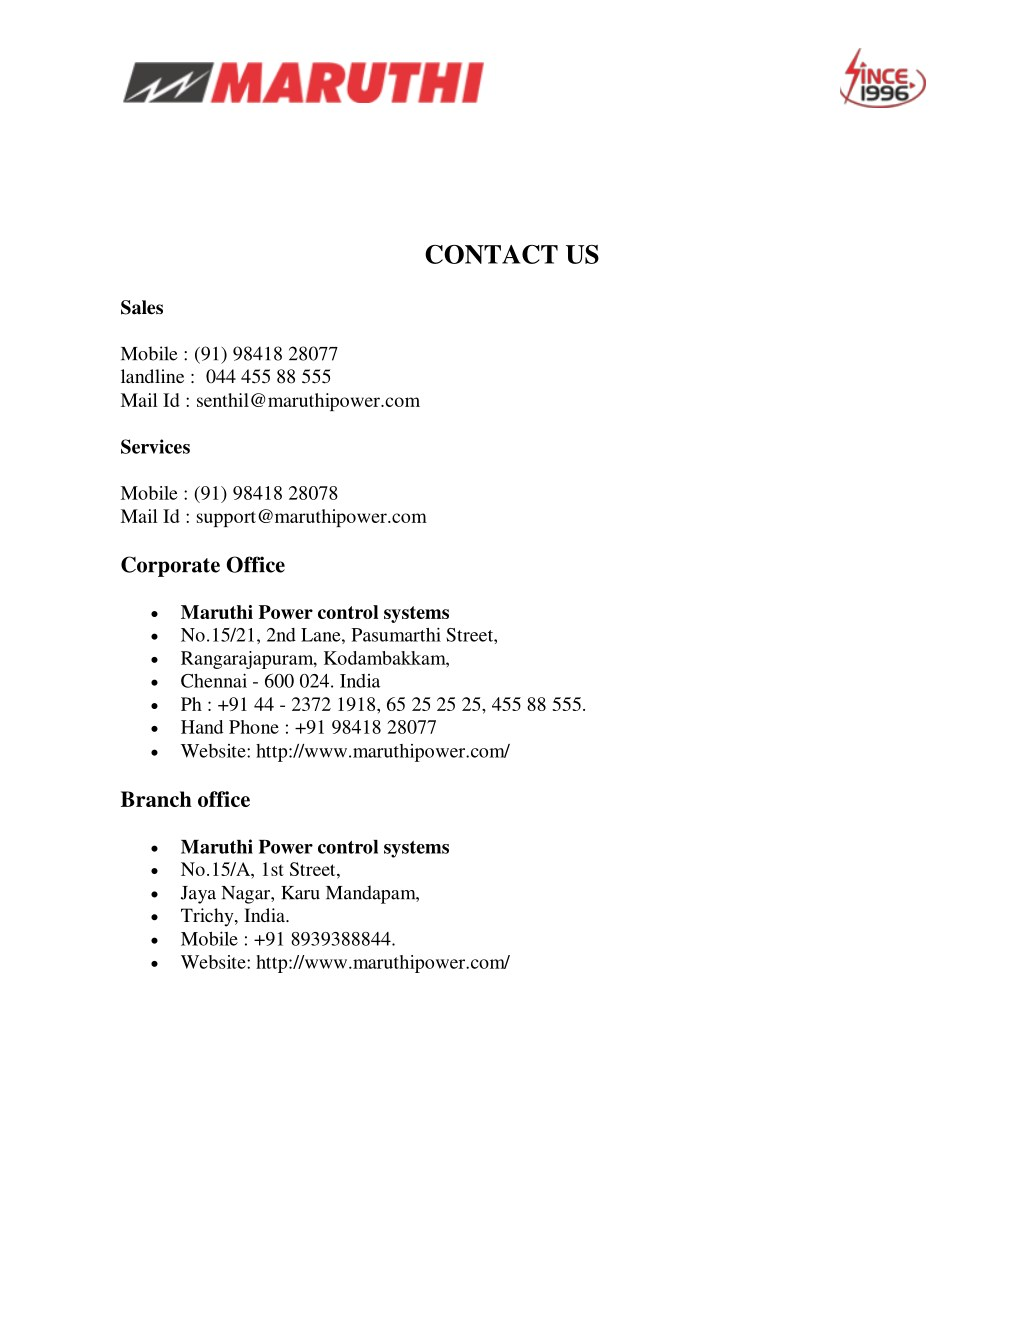 PPT - Inverter dealers in Chennai| Exide battery dealer in